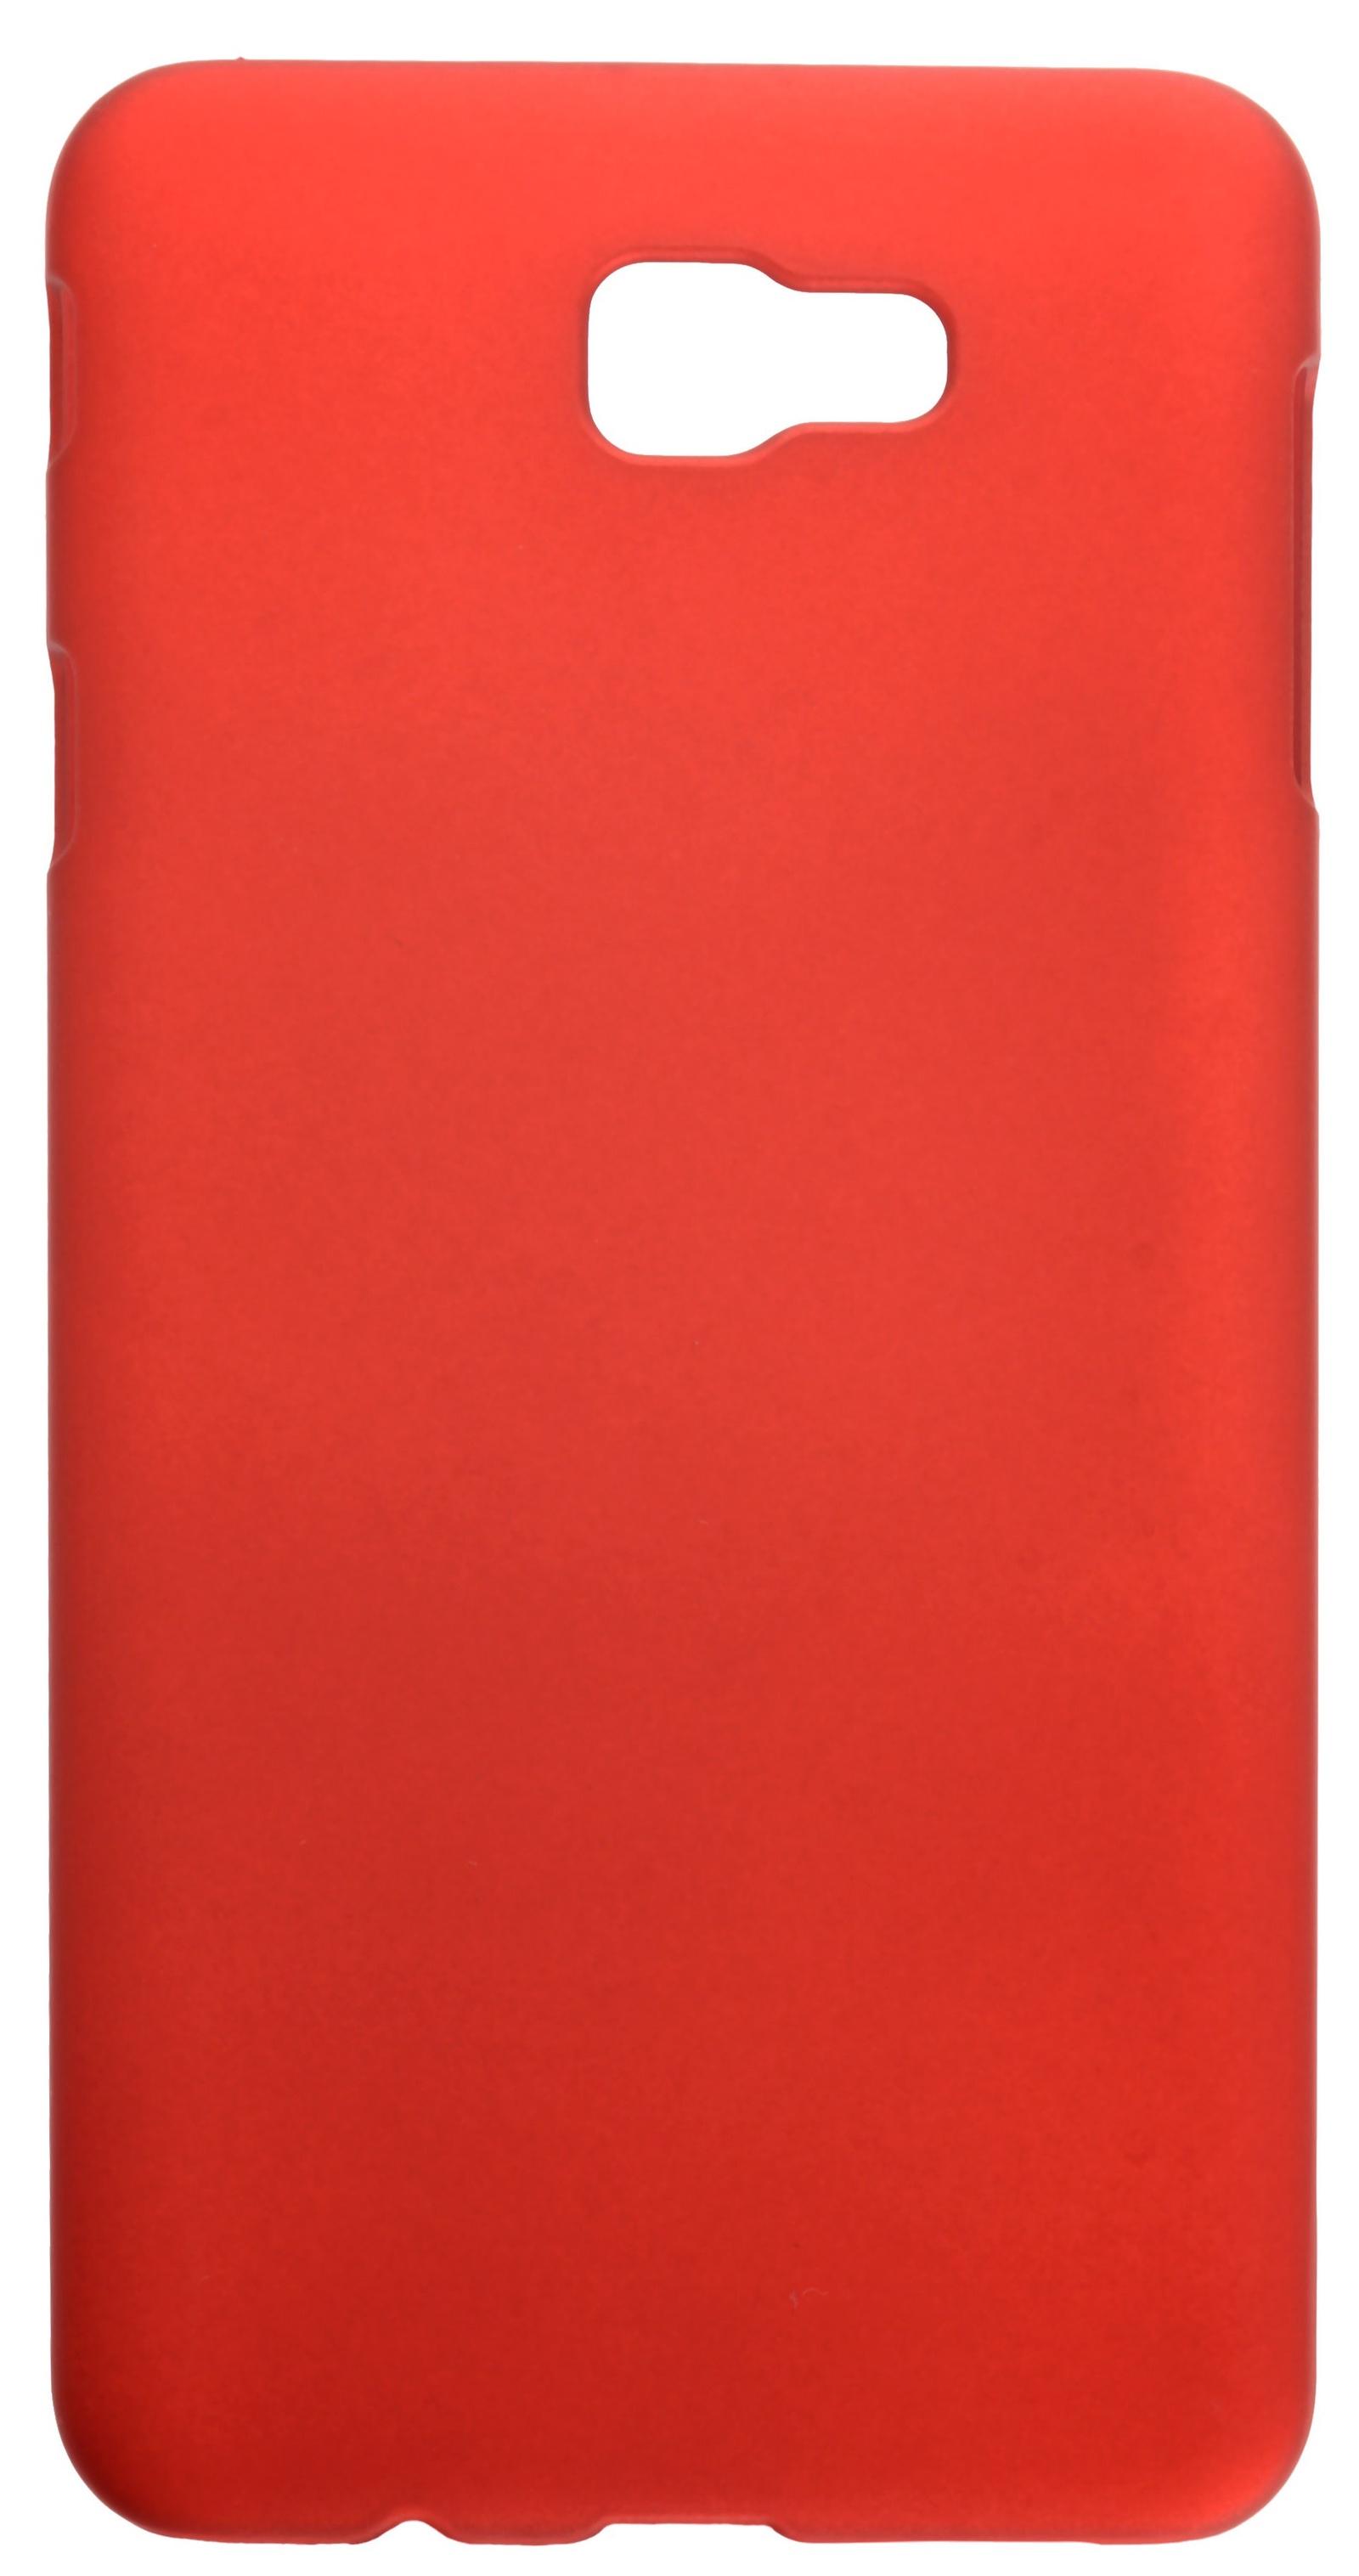 Чехол для сотового телефона skinBOX 4People, 4630042529014, красный чехол для сотового телефона skinbox 4people 4630042528994 красный